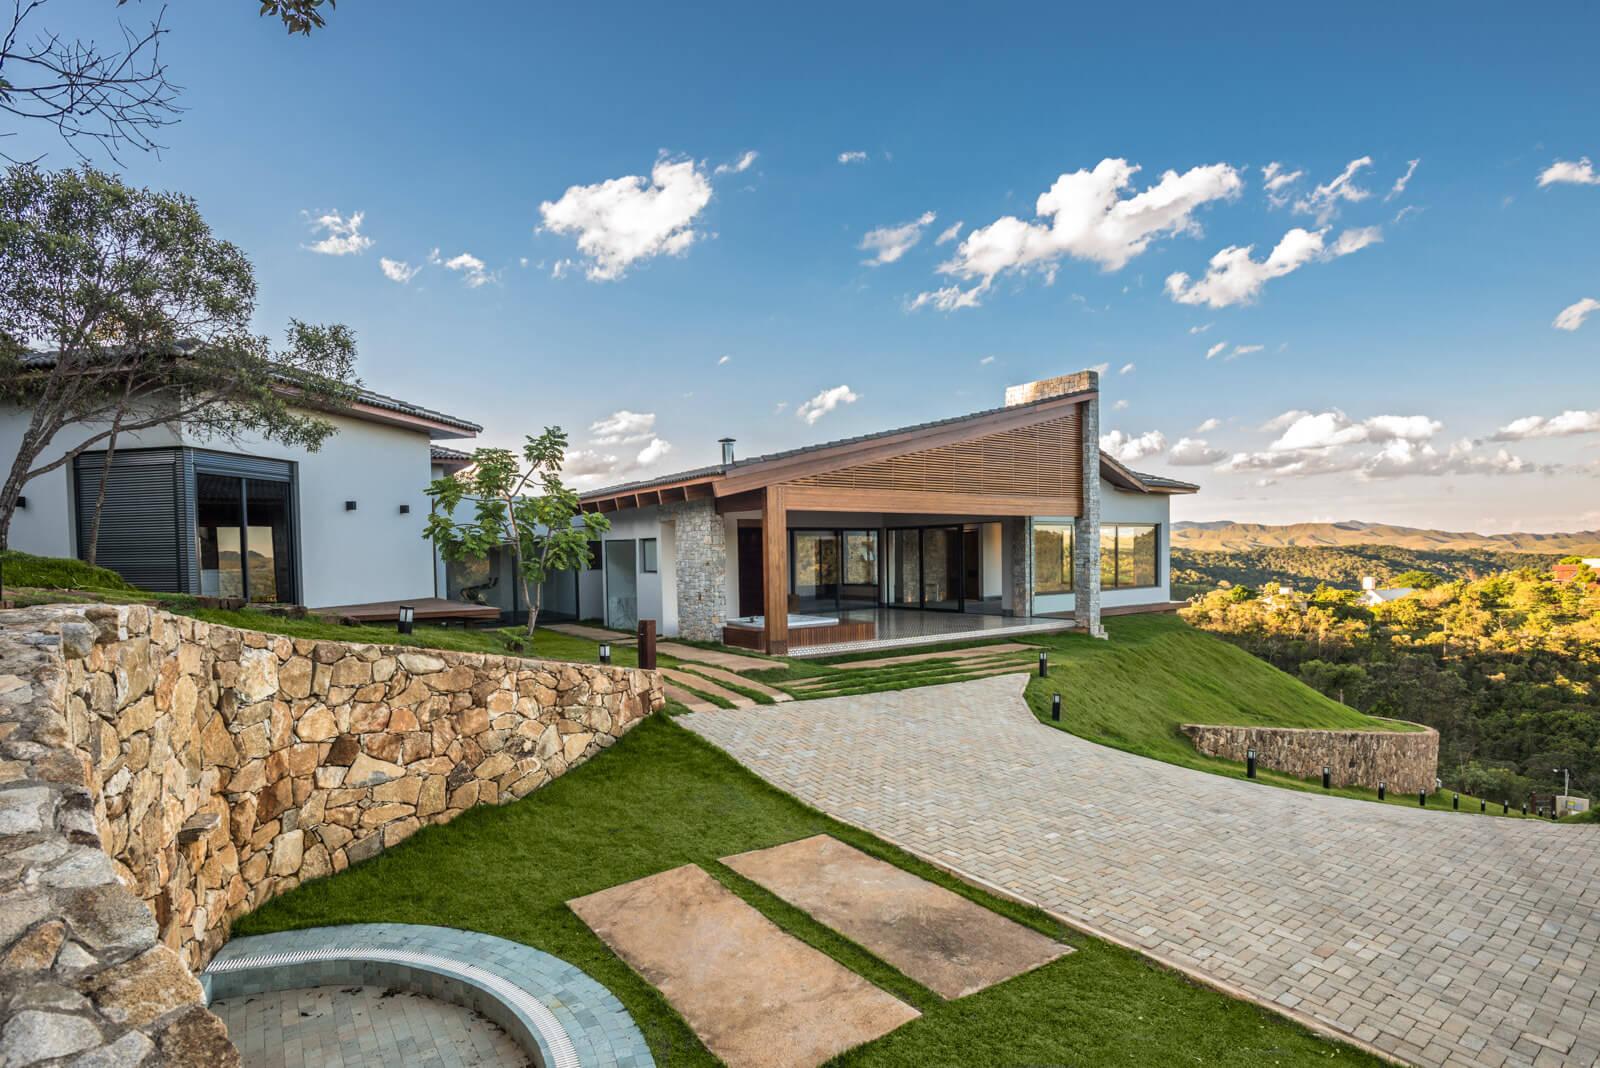 House in Pasárgada by MASV - Amália Vieira Arquitetura